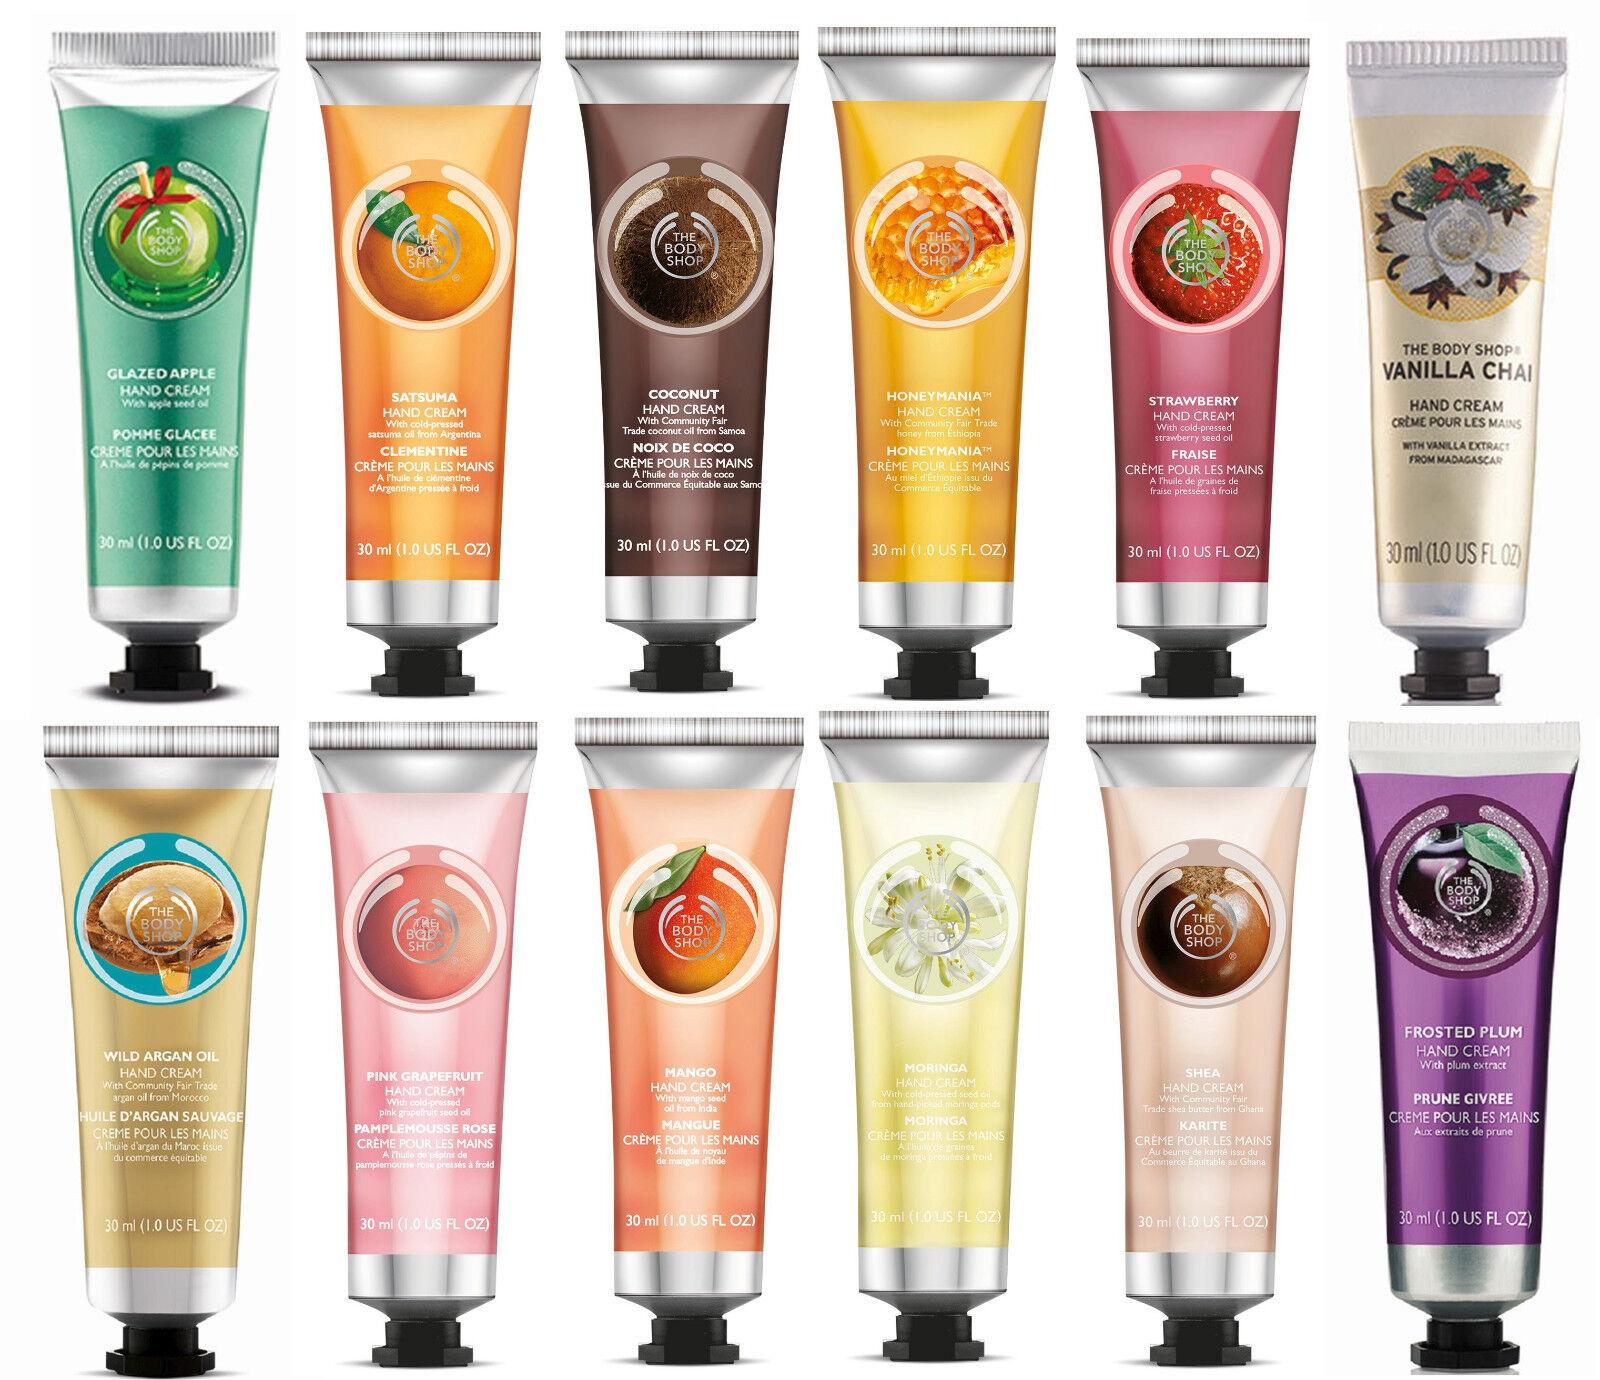 The Body Shop Hand Cream U Pick Scent NEW